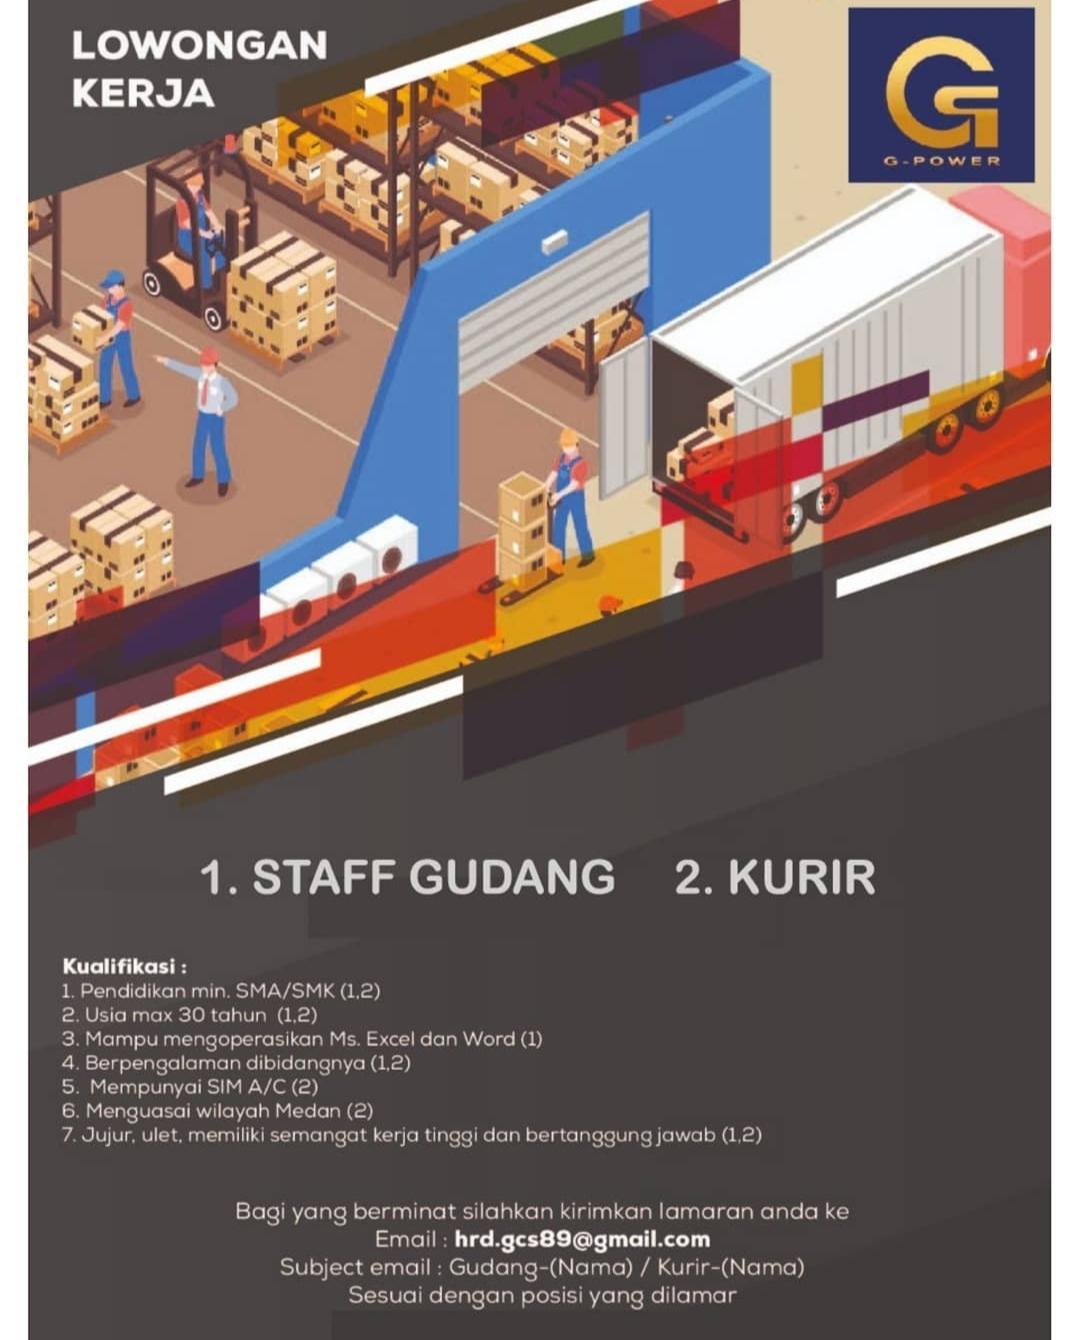 Lowongan Kerja Sma Smk Terbaru Di G Power Indonesia Medan Agustus 2020 Lowongan Kerja Medan Terbaru Tahun 2021